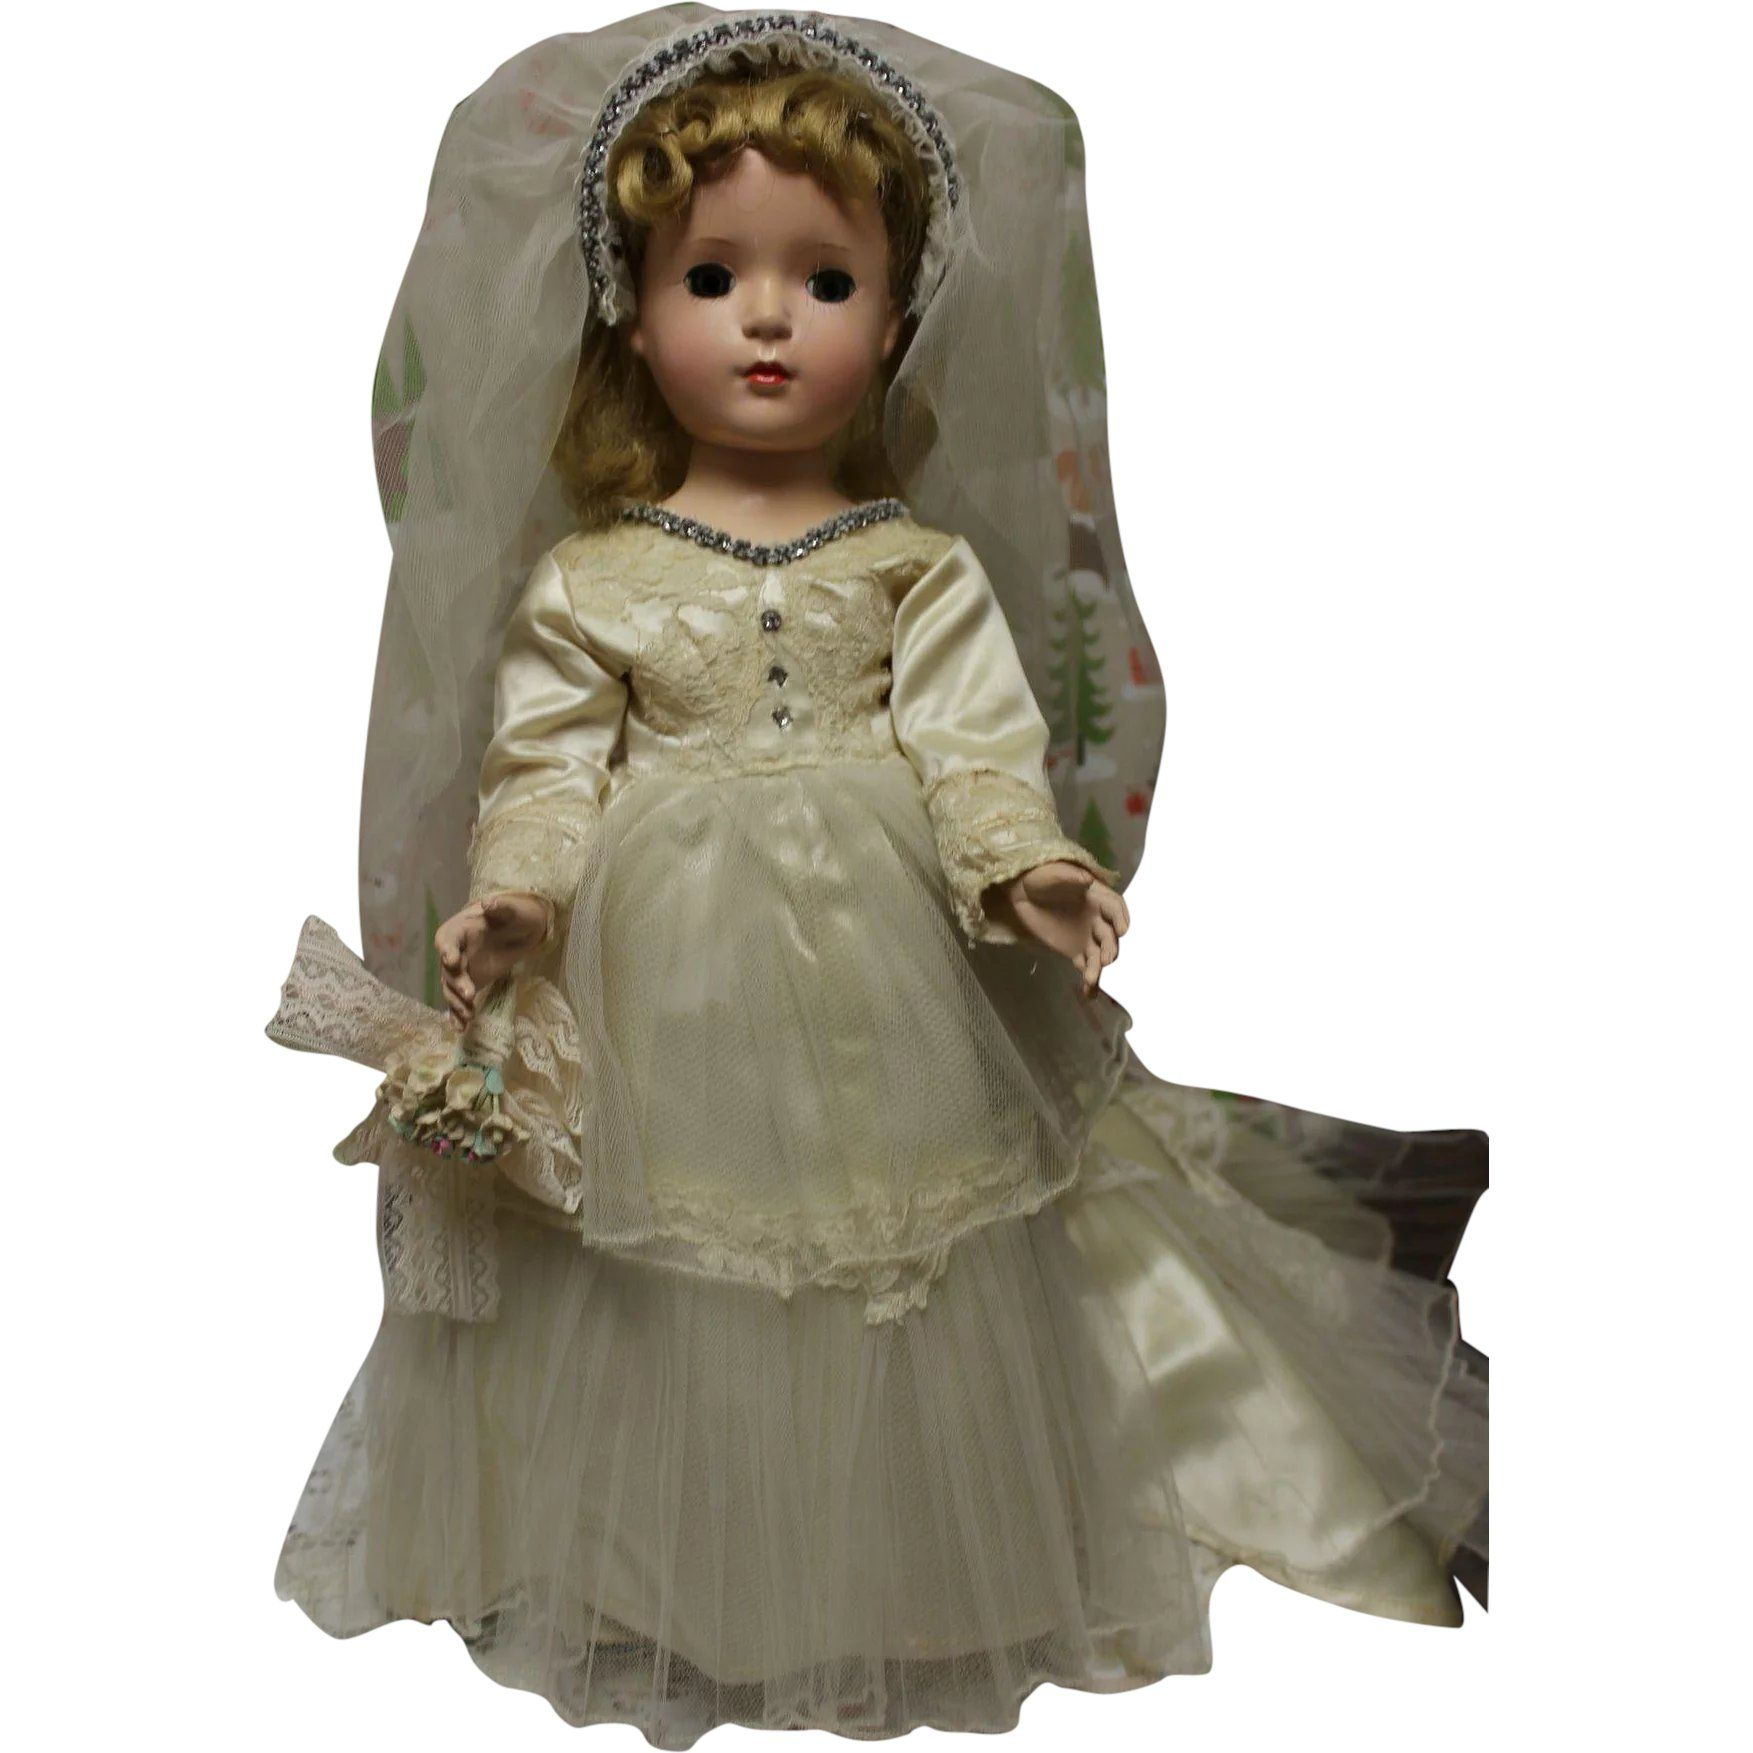 Madame Alexander Margaret bride doll in original bridal gown #bridedolls